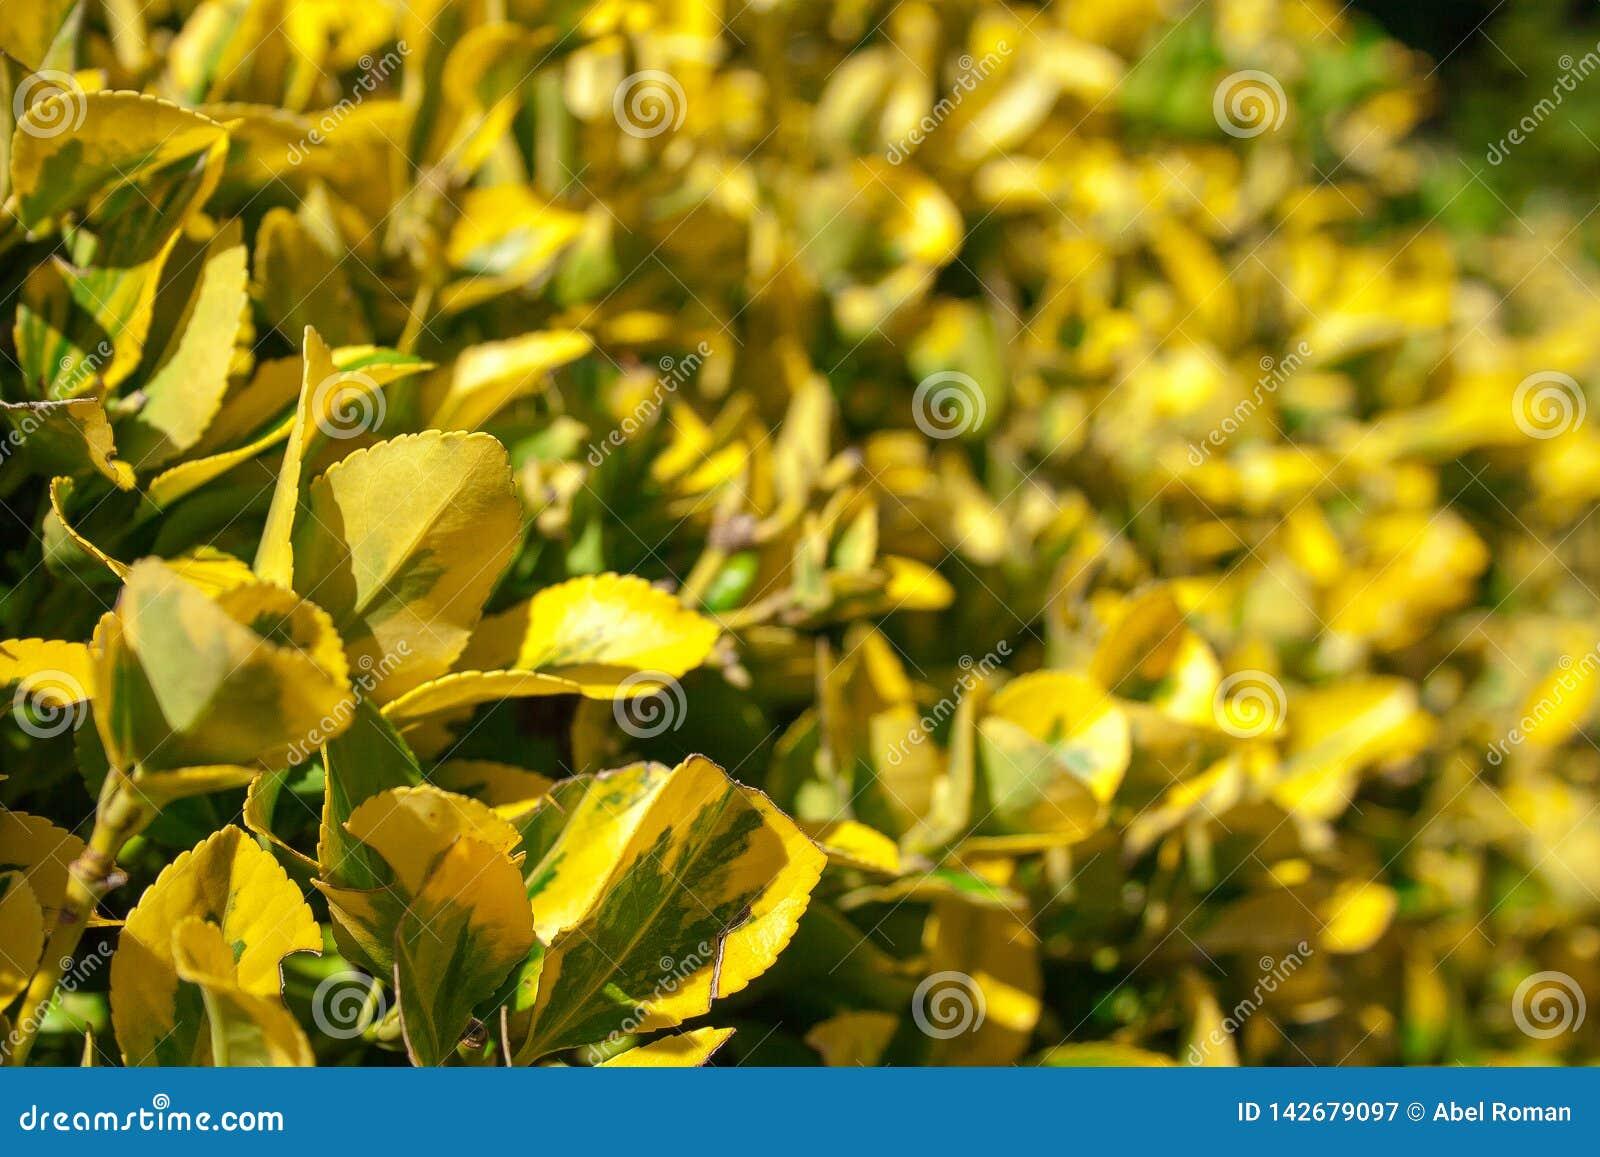 Ο κάποιος Μπους αφήνει κίτρινος και πράσινος